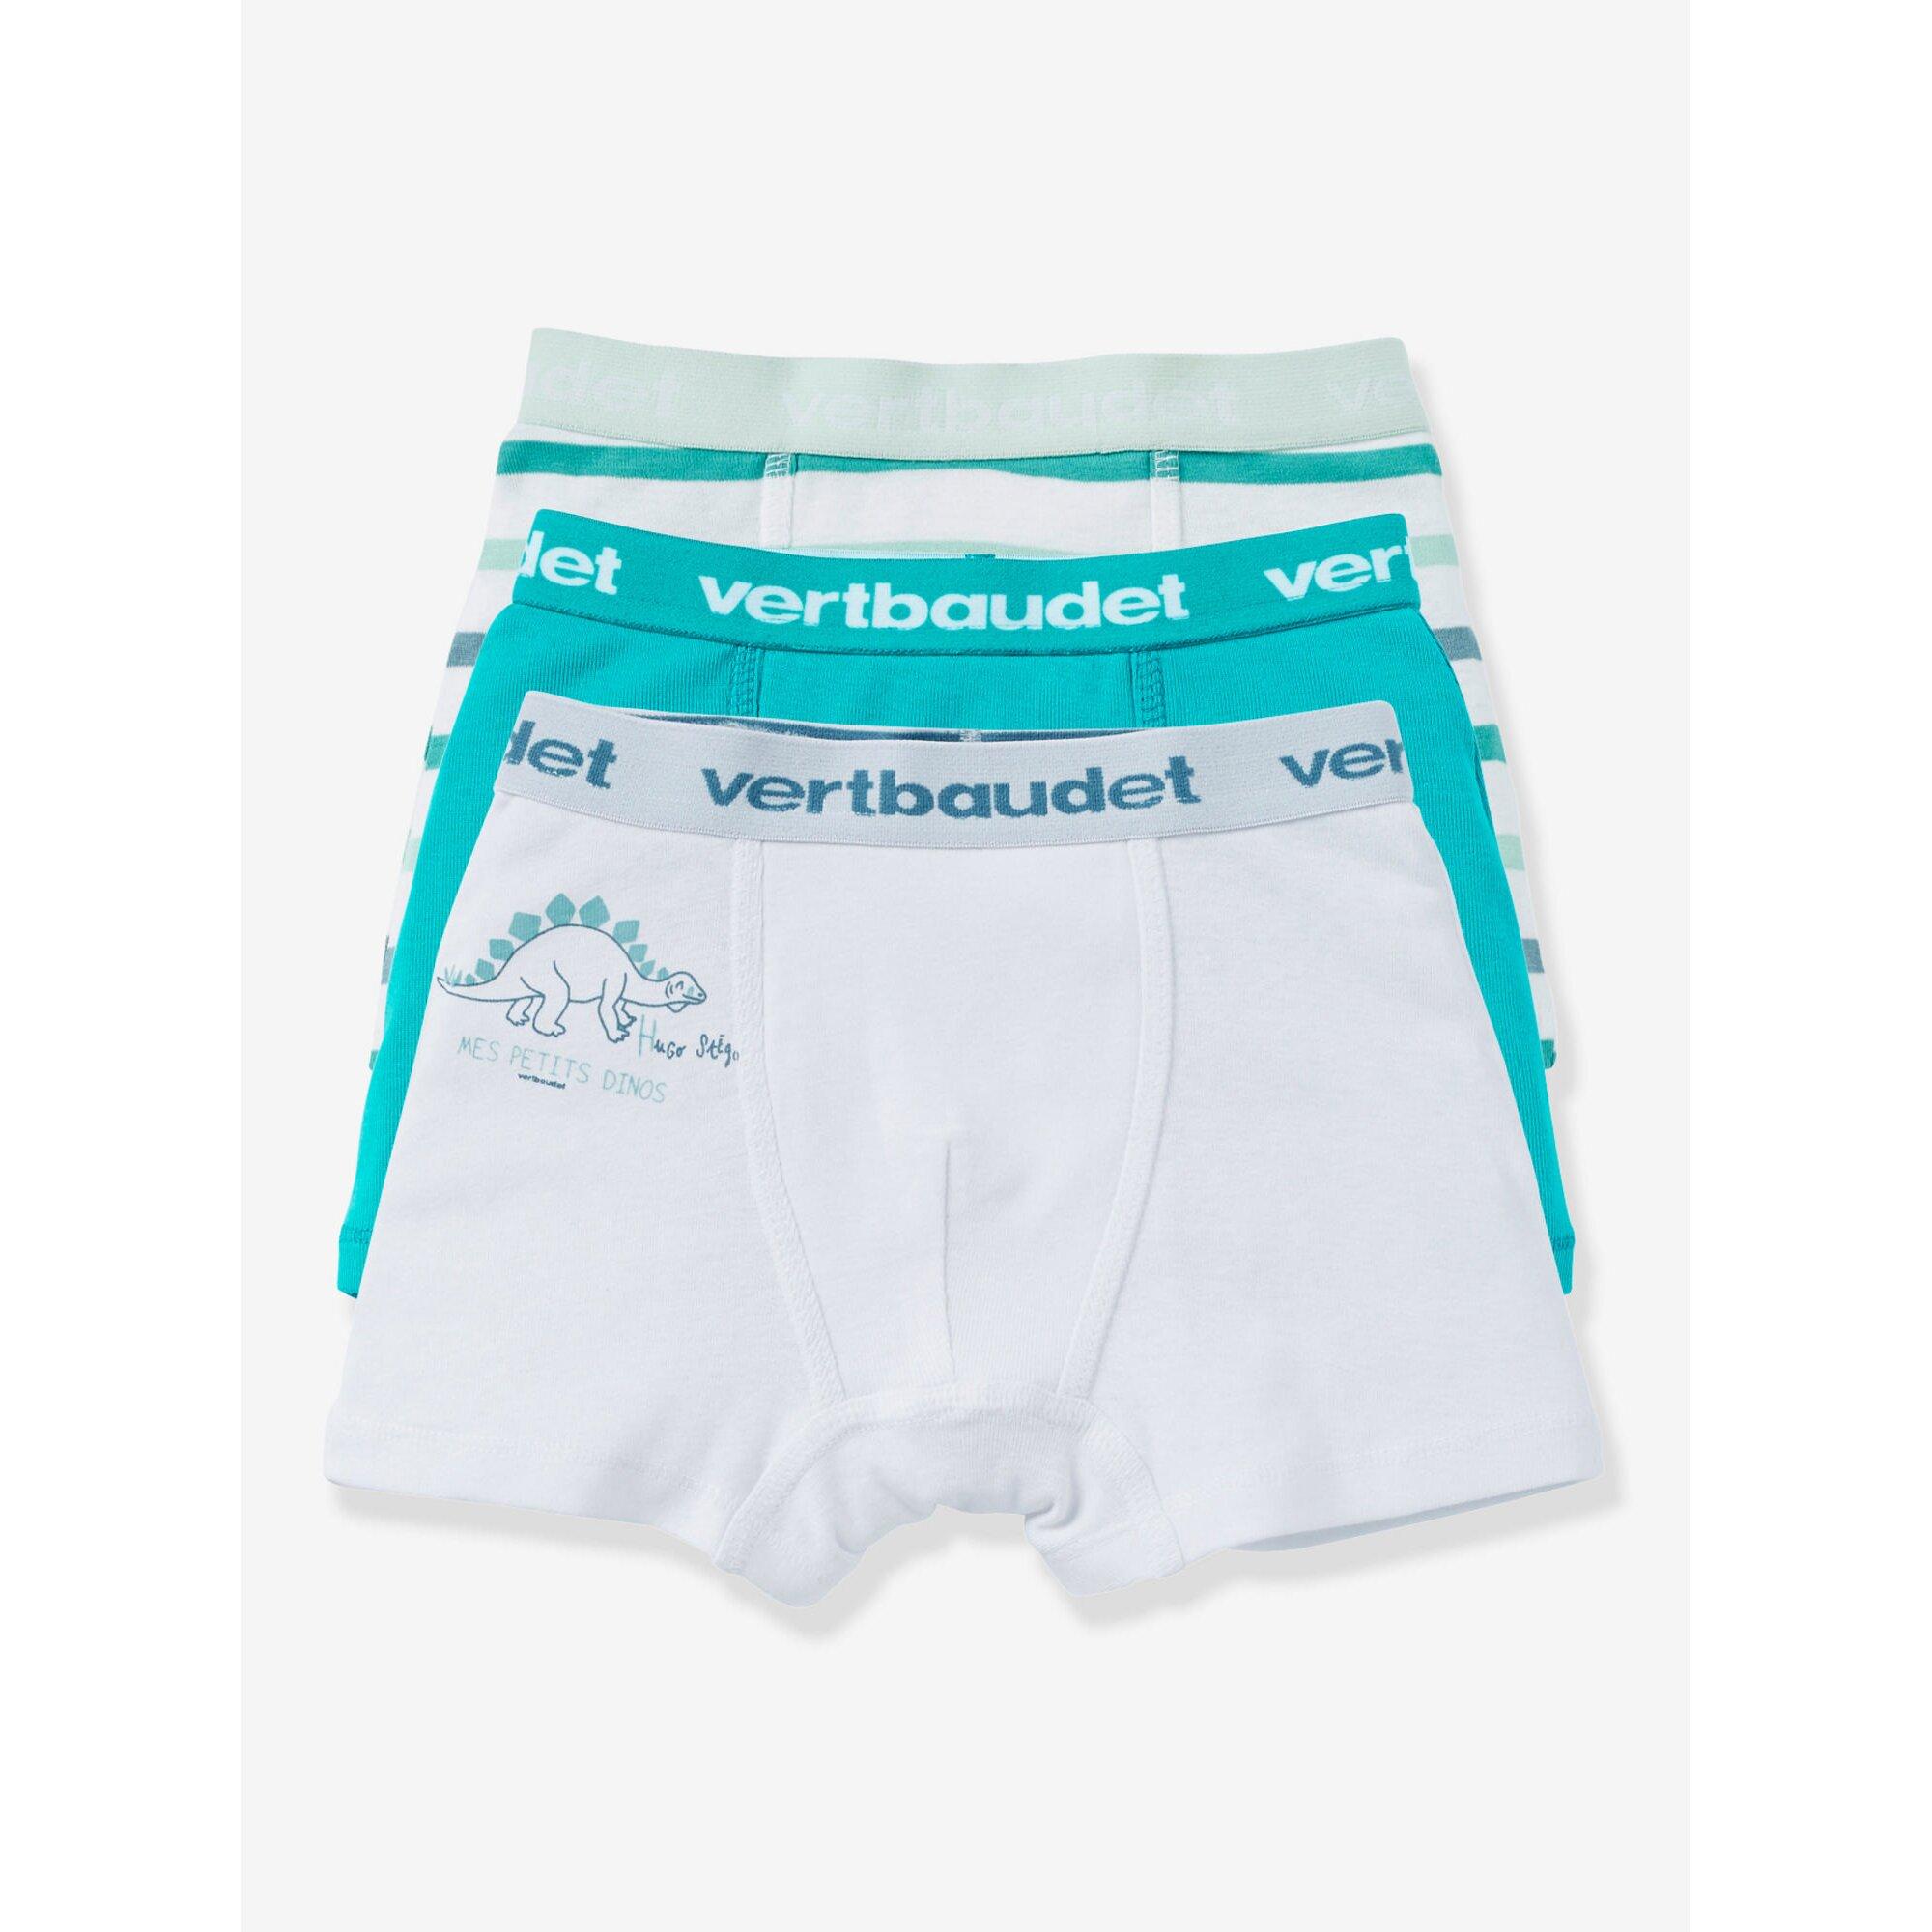 vertbaudet-3er-pack-jungen-boxershorts-stretch